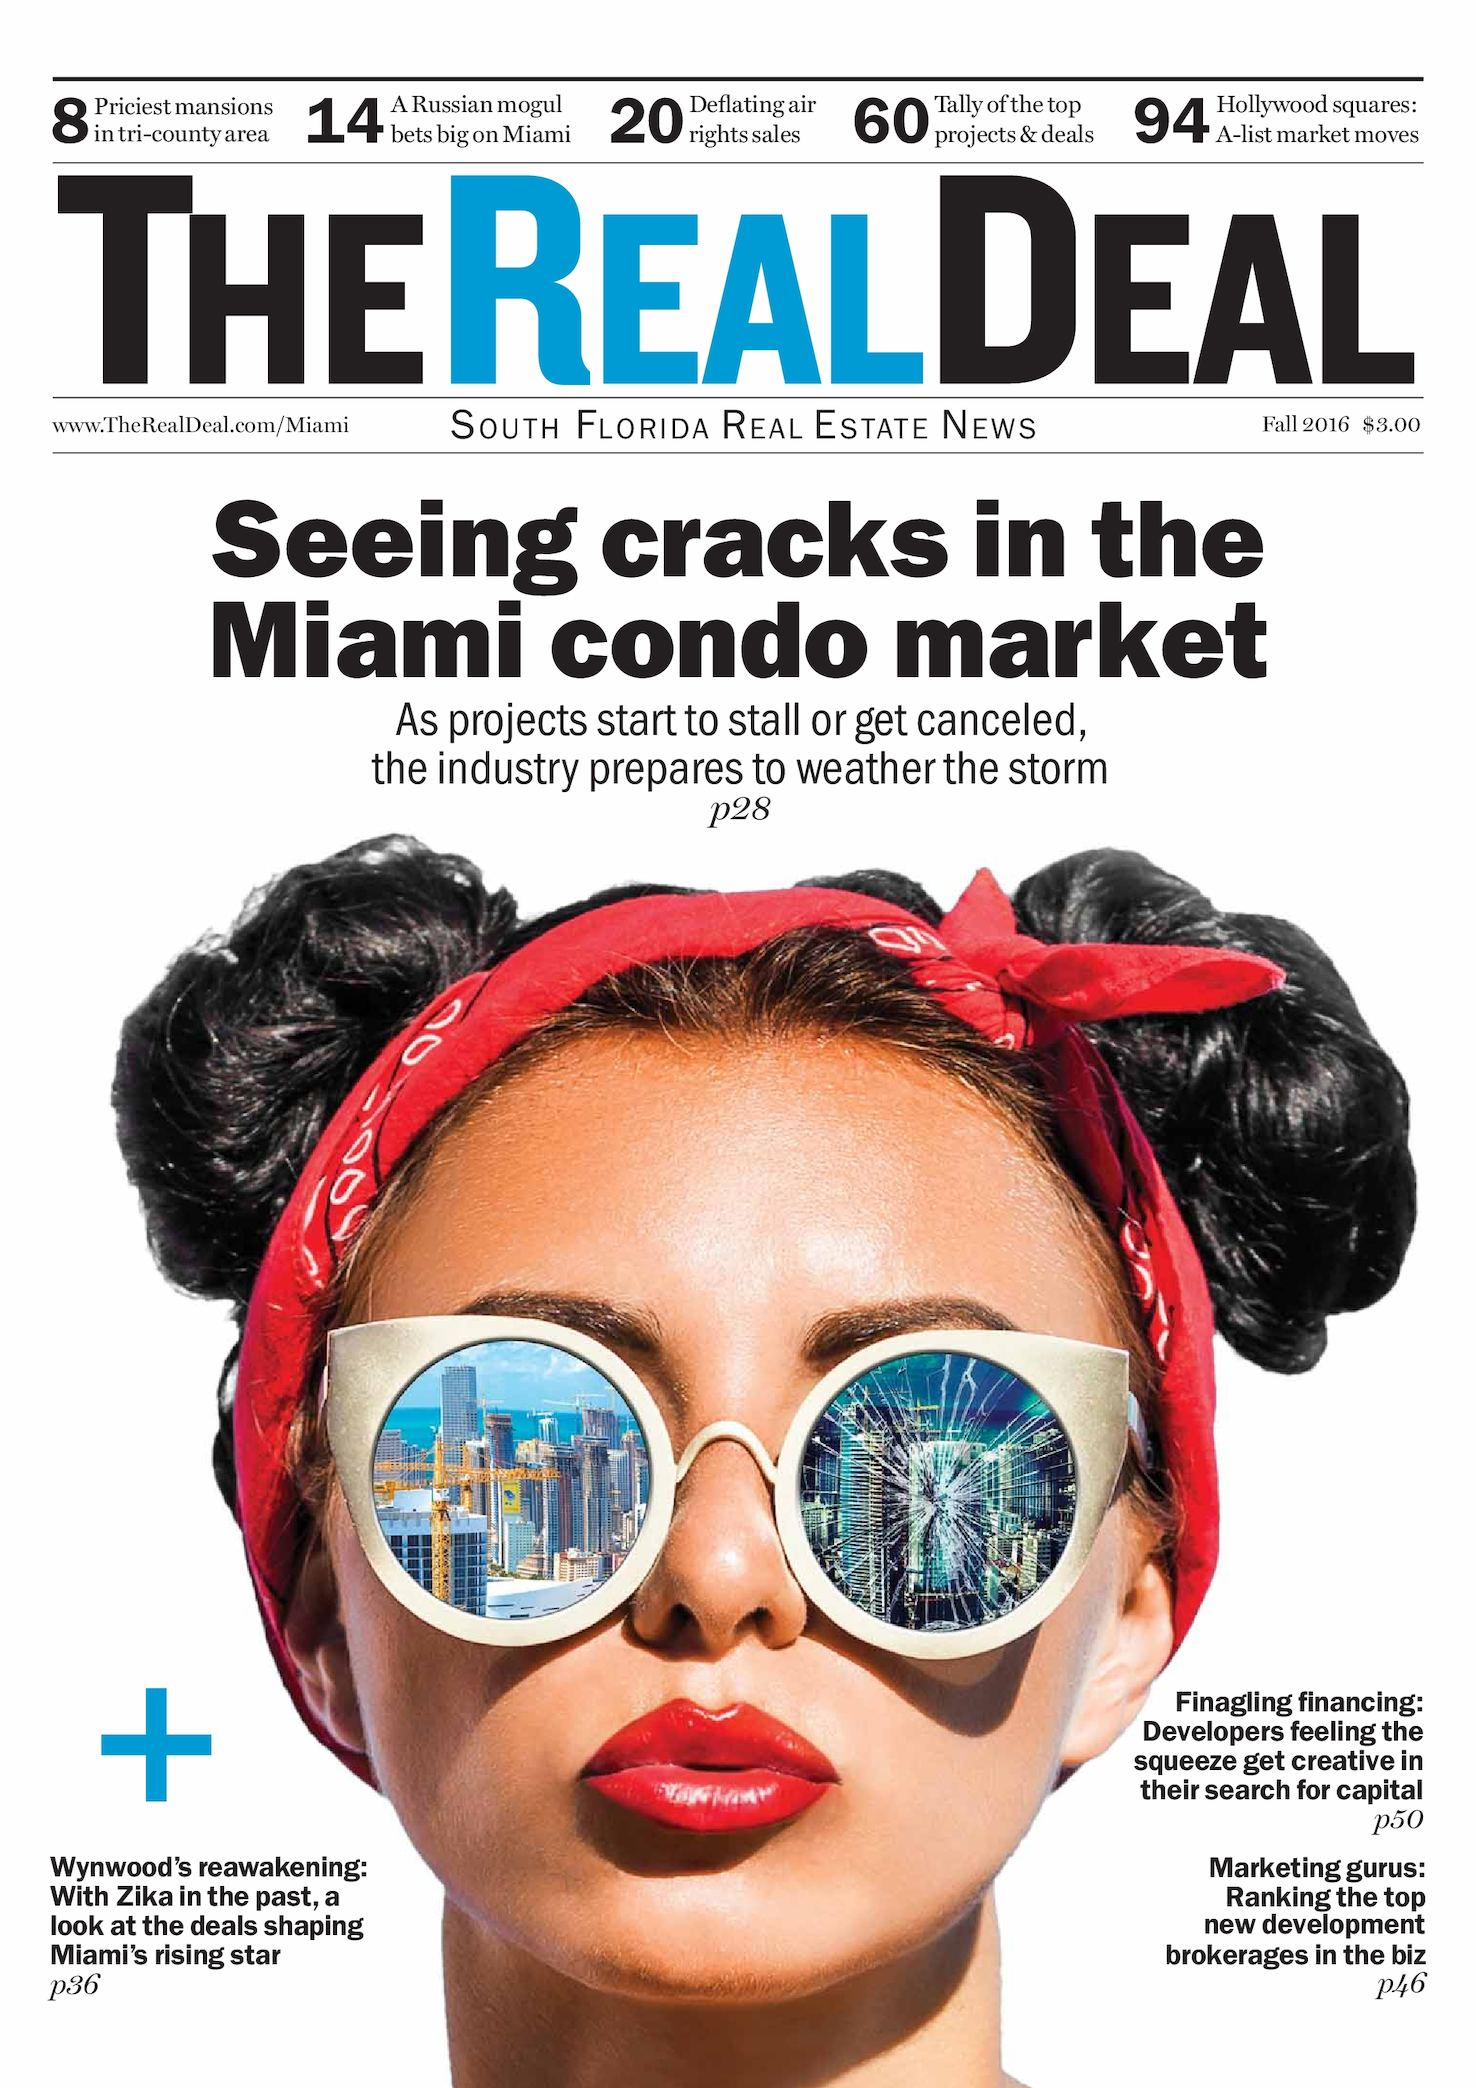 e621dc174b3 Calaméo - South Florida Market Report October 2016